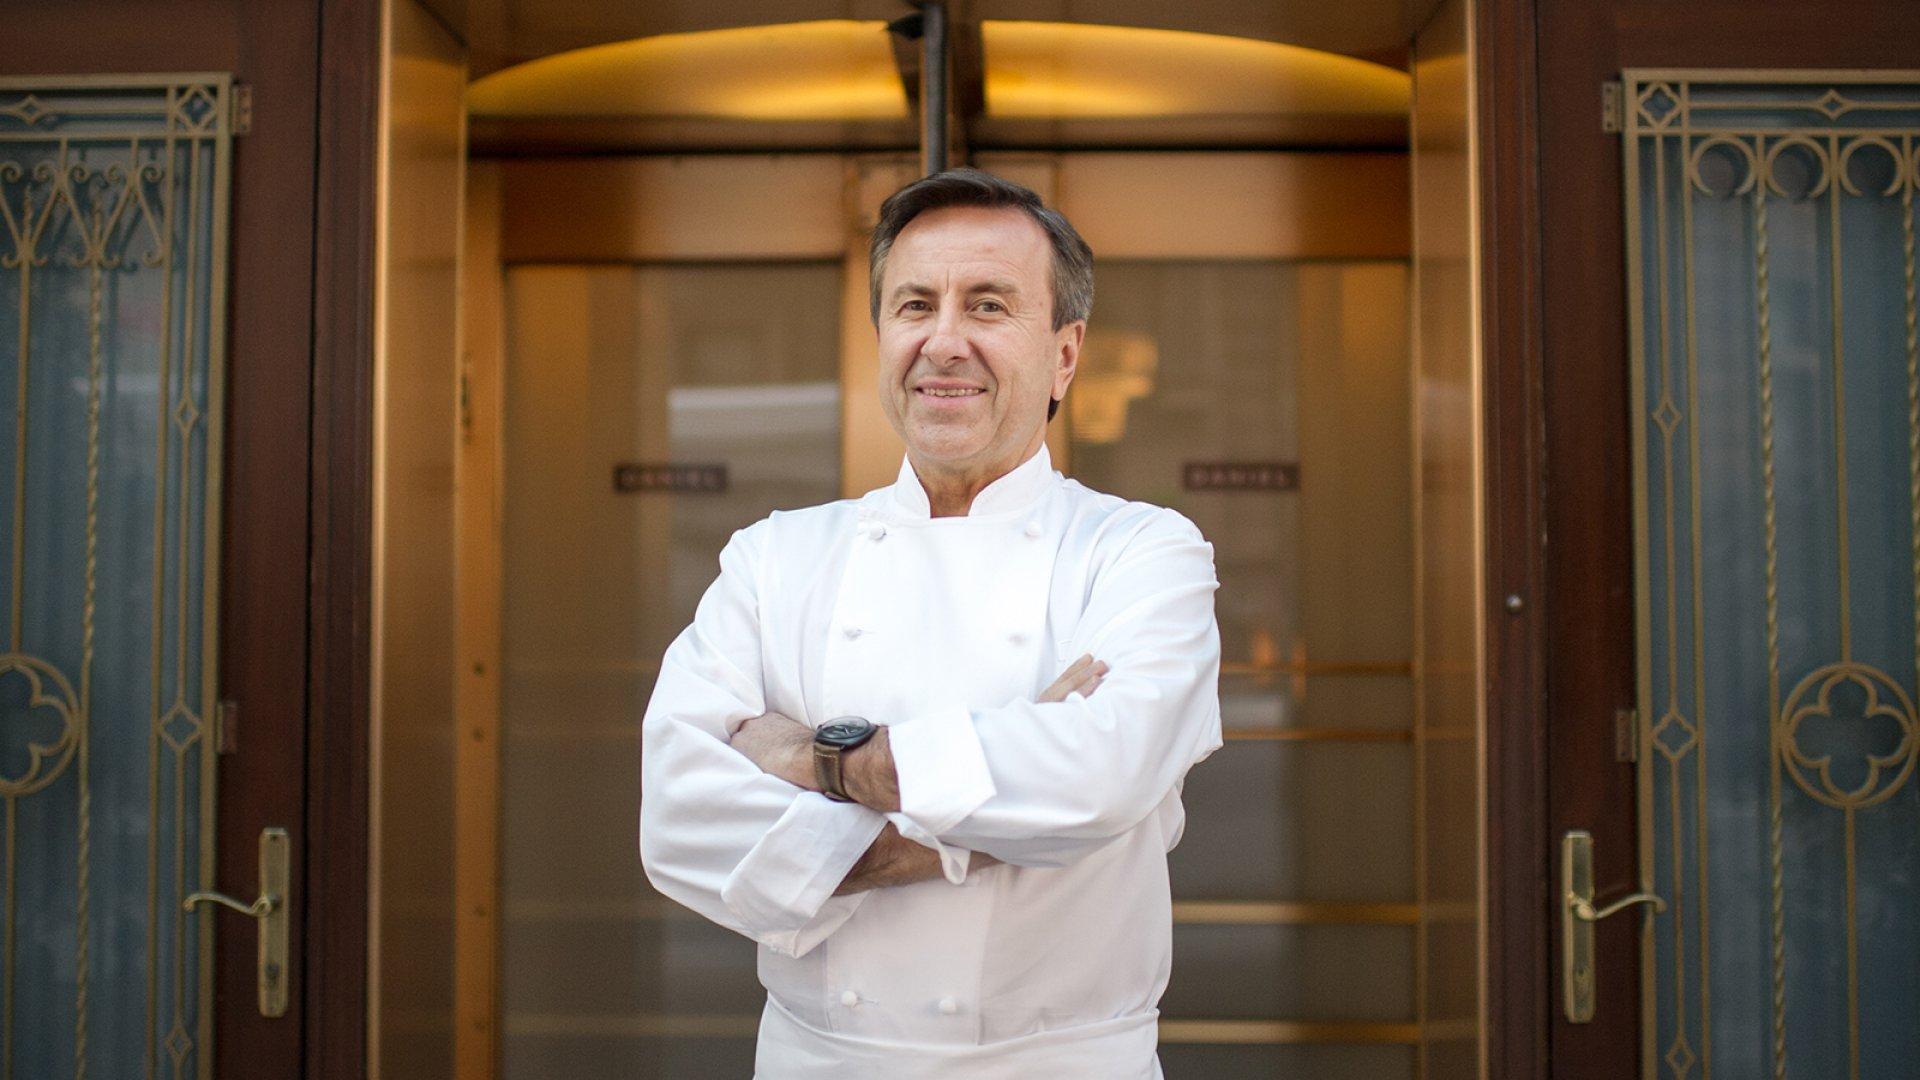 French Culinary Chef Daniel Boulud.